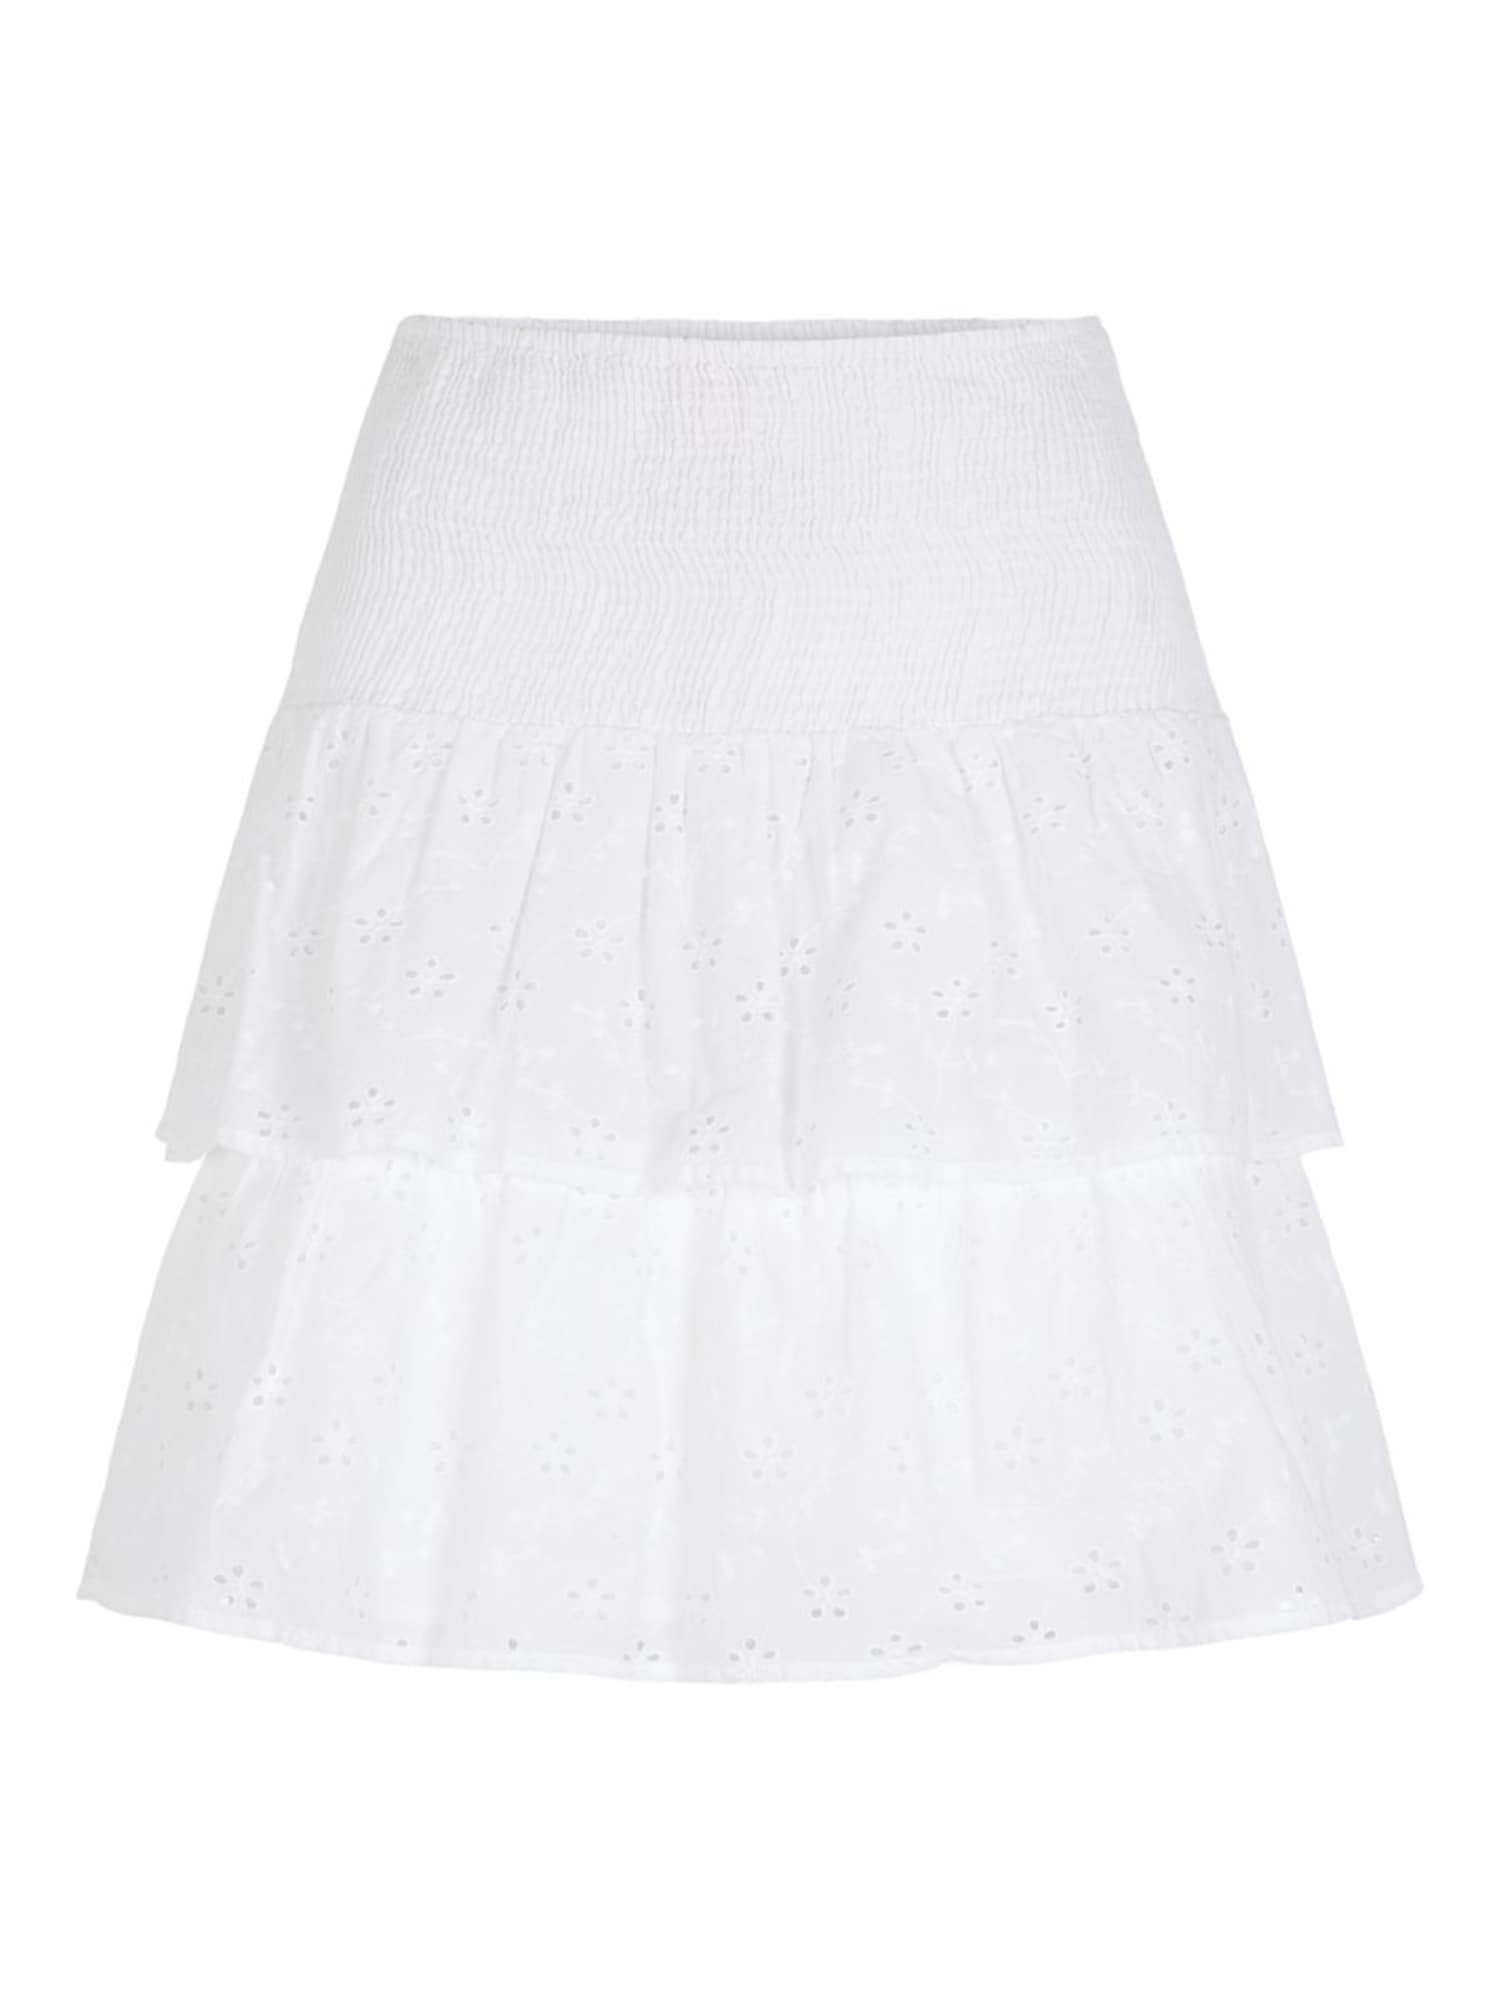 Stufenrock | Bekleidung > Röcke > Stufenröcke & Volantröcke | Weiß | PIECES